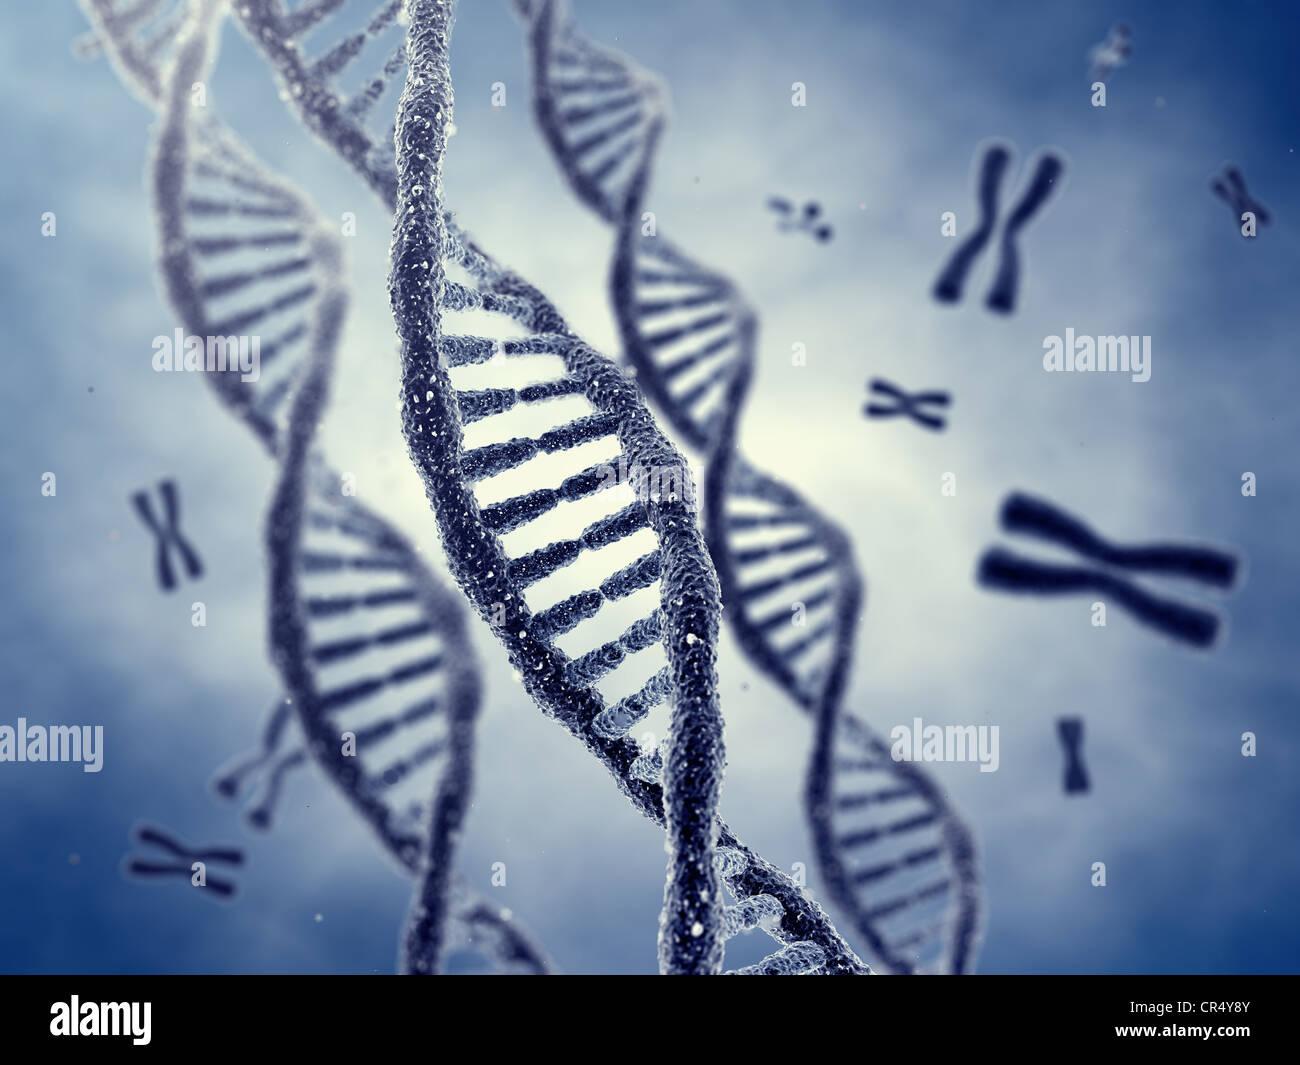 DNA-Doppelhelix Moleküle und Chromosomen Stockbild